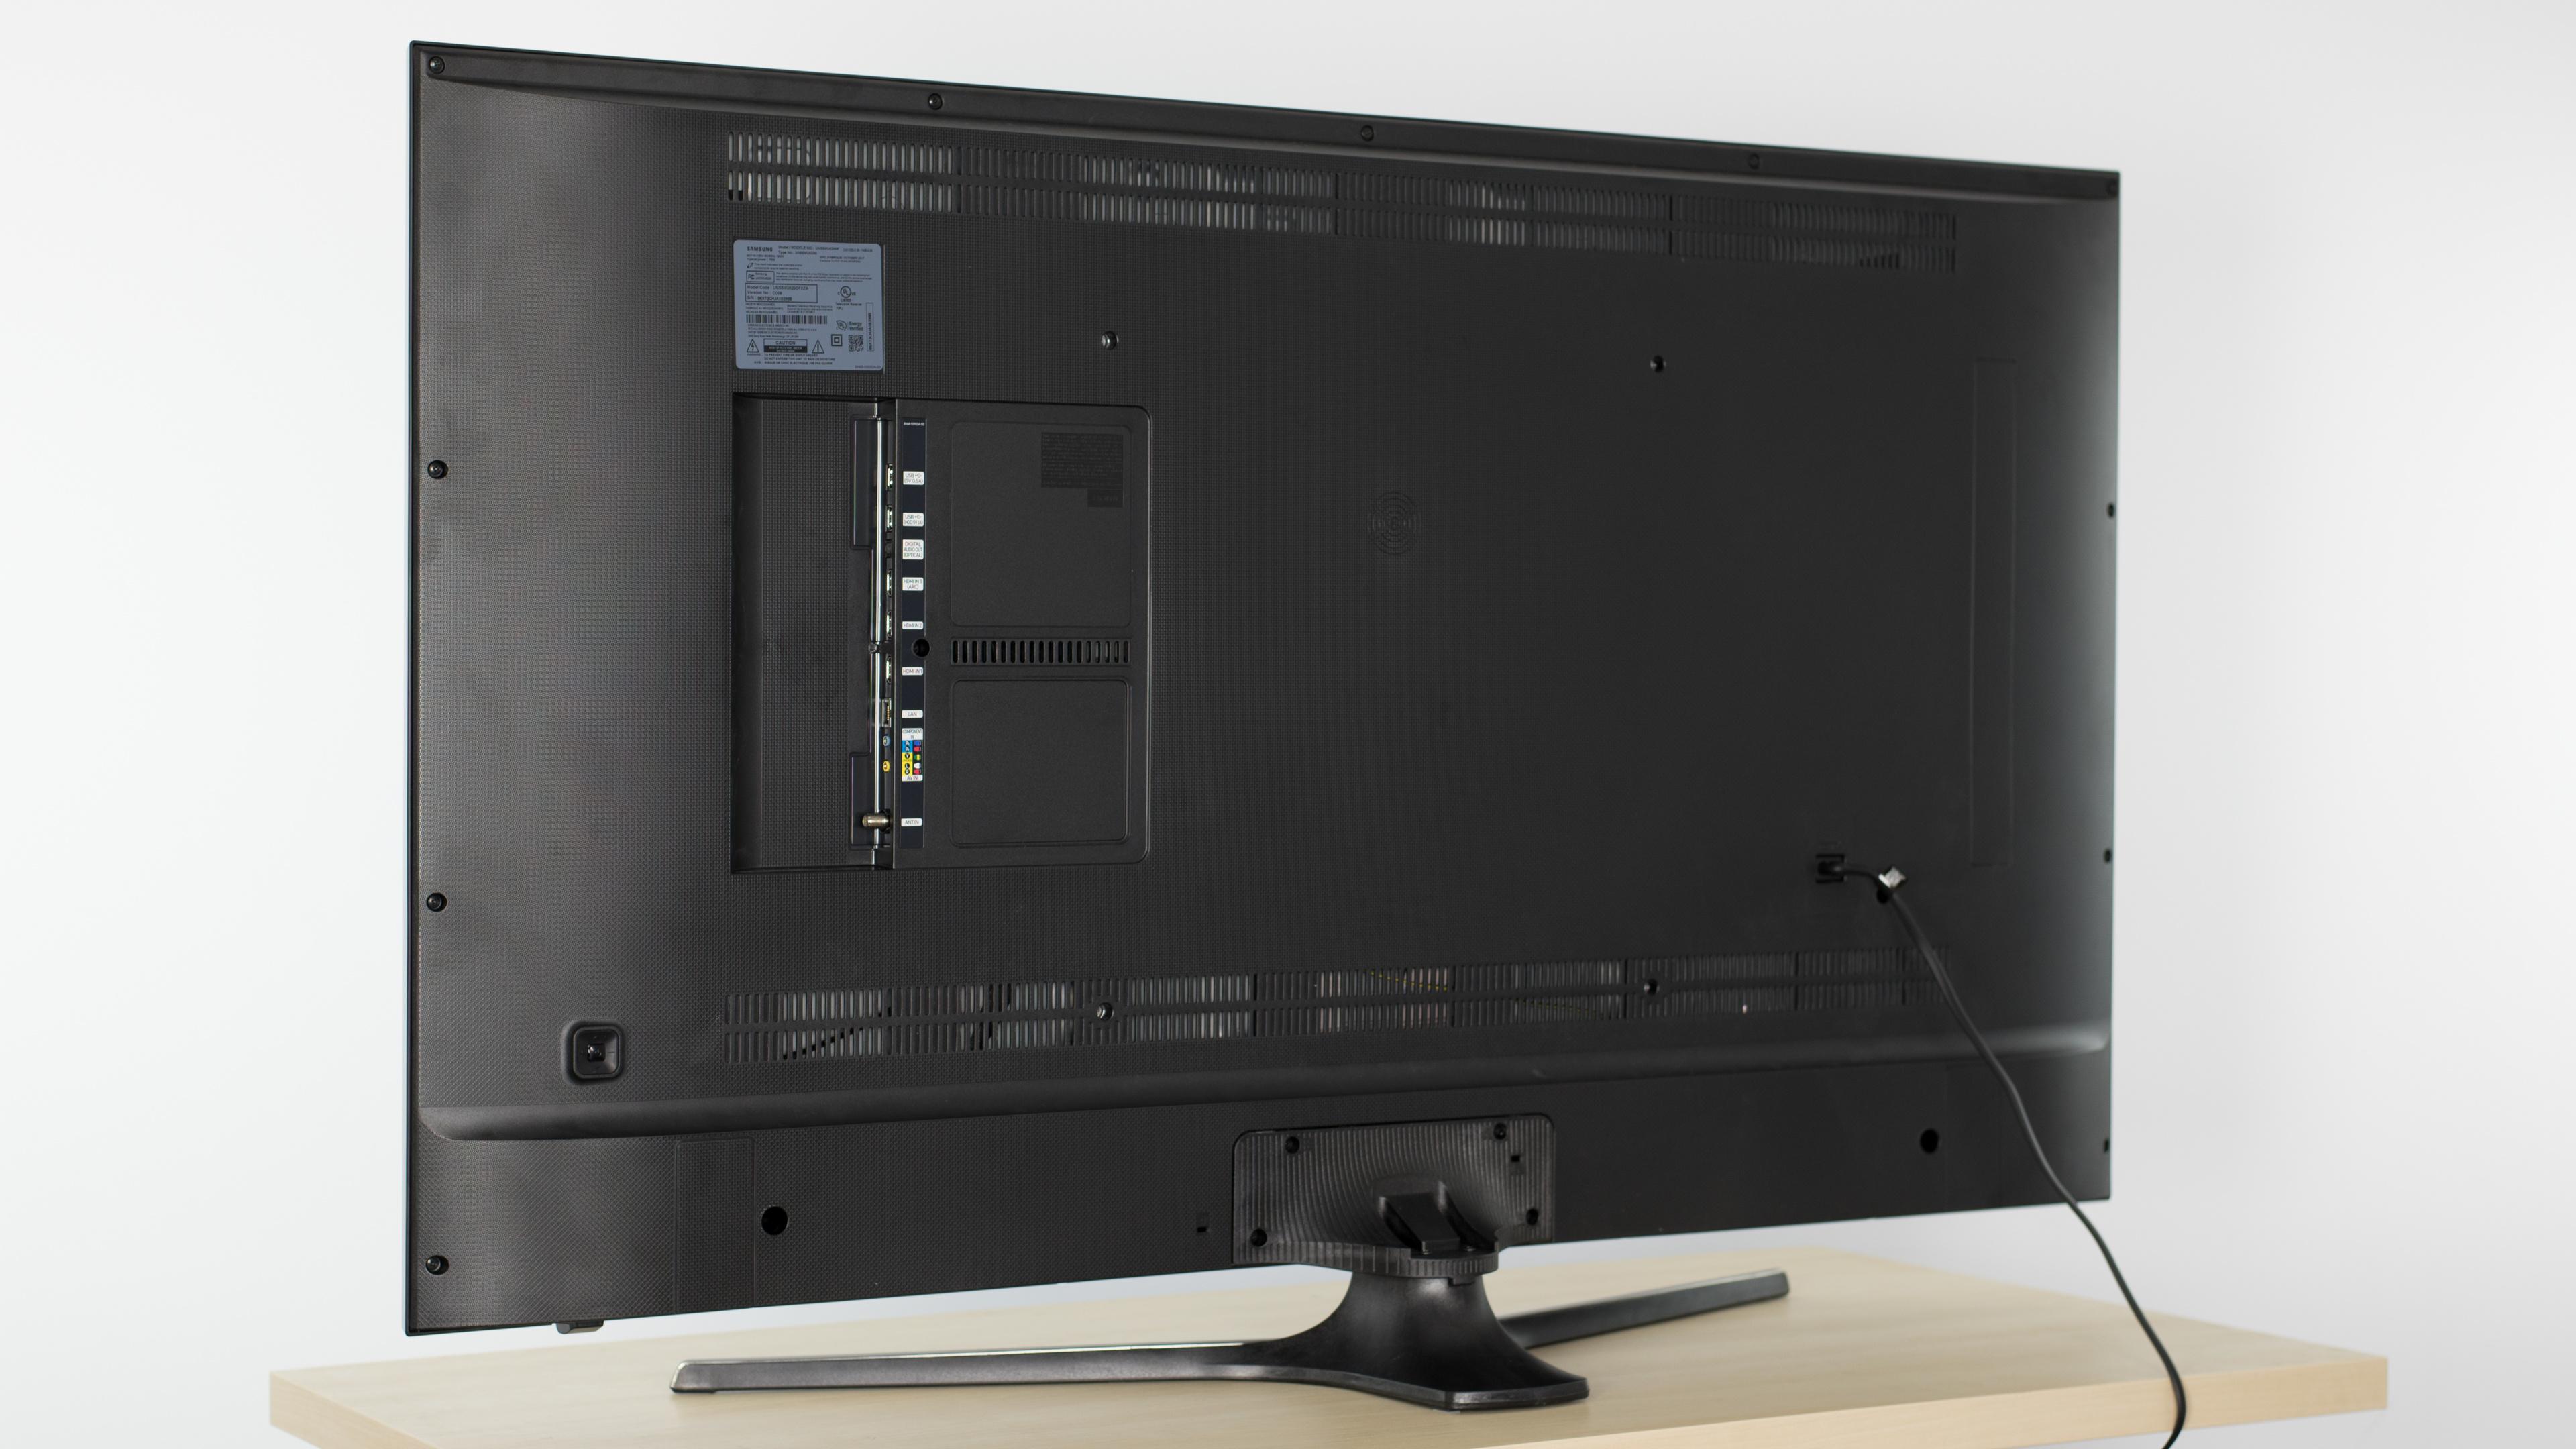 Samsung Mu6290 Review Un40mu6290 Un43mu6290 Un49mu6290